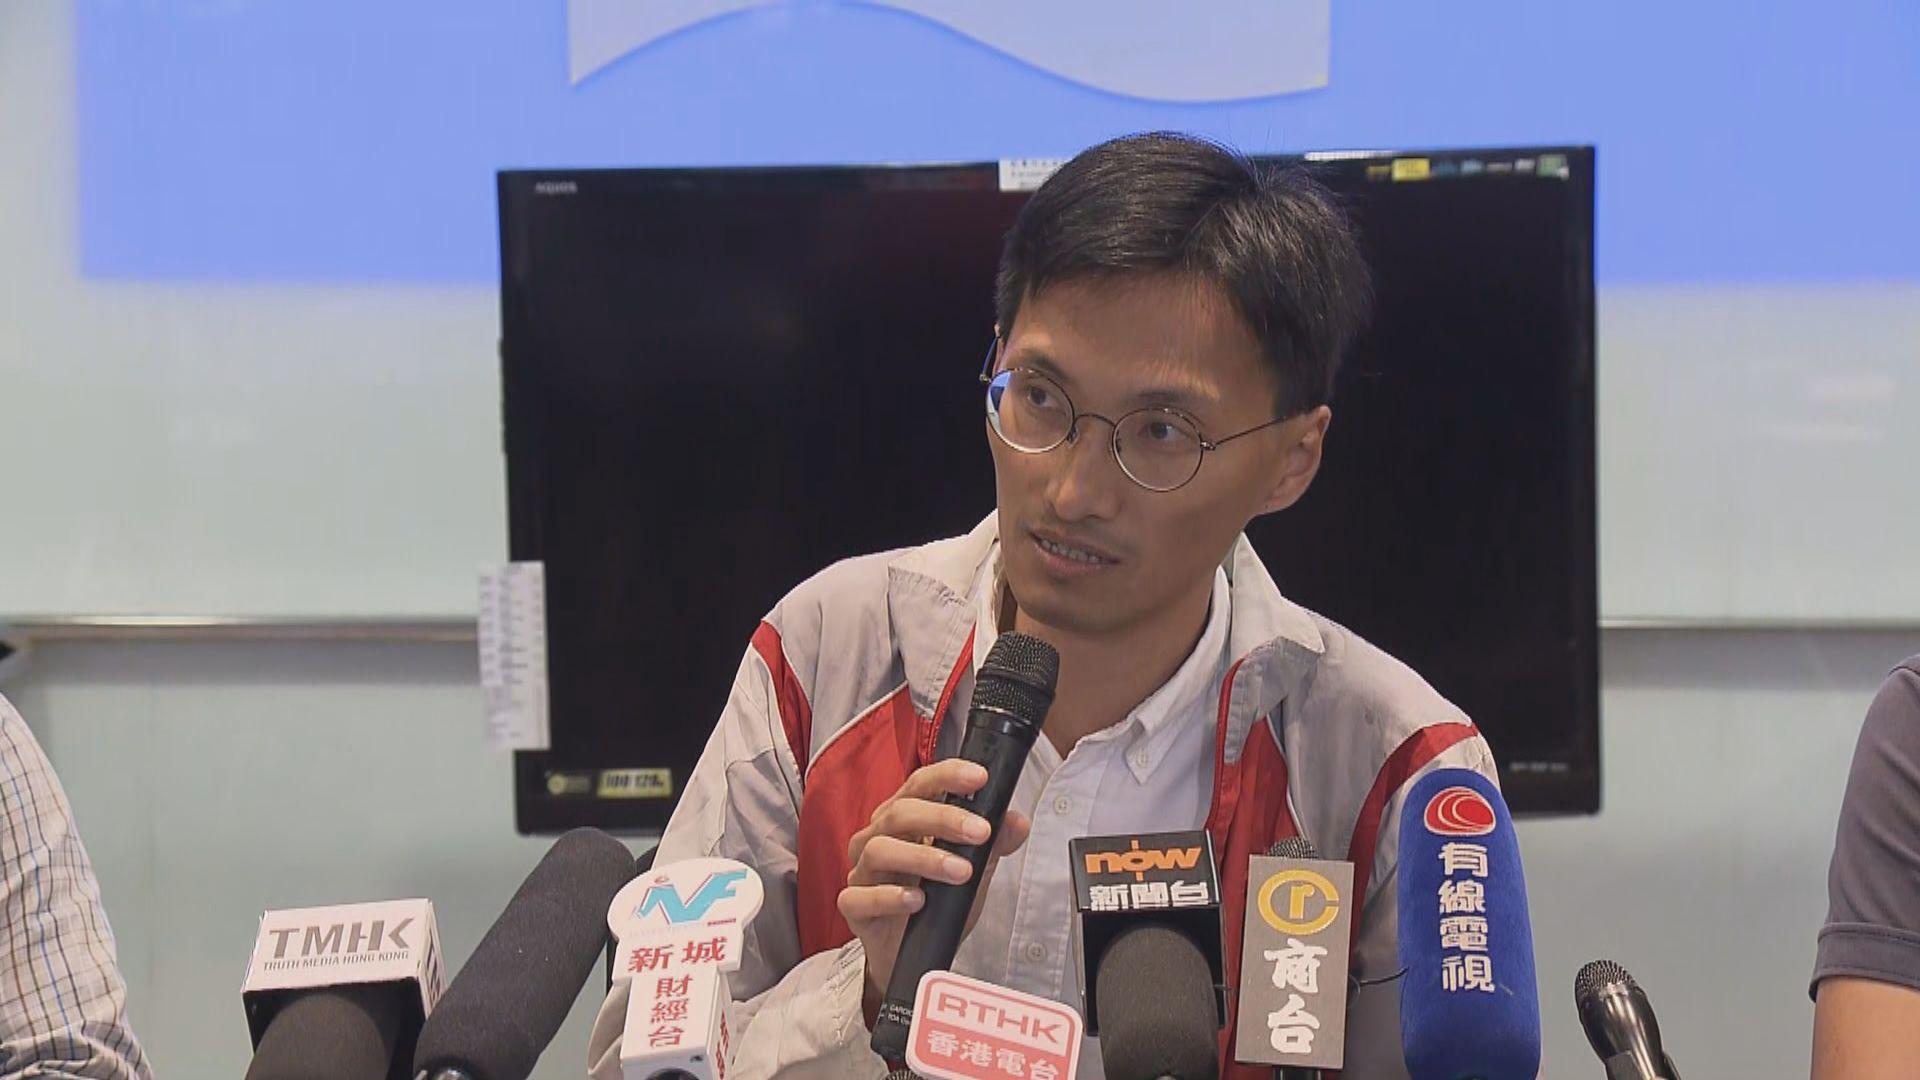 朱凱廸:收到暗殺訊息將向警方報案